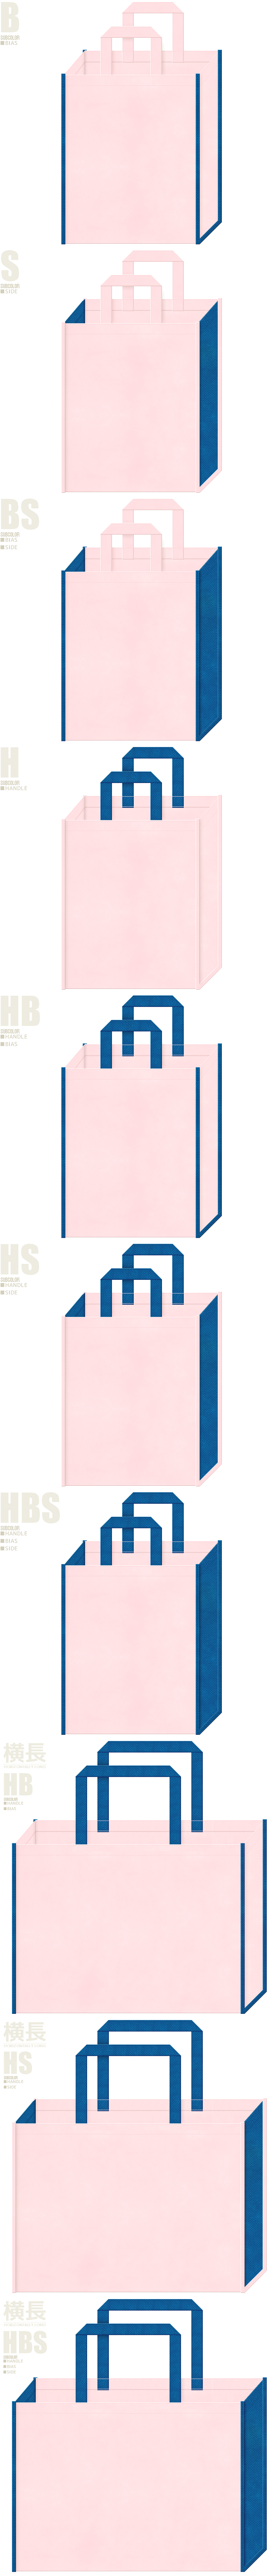 おもちゃ・絵本・おとぎ話・テーマパーク・レッスンバッグ・キッズイベントにお奨めの不織布バッグデザイン:桜色と青色の配色7パターン。